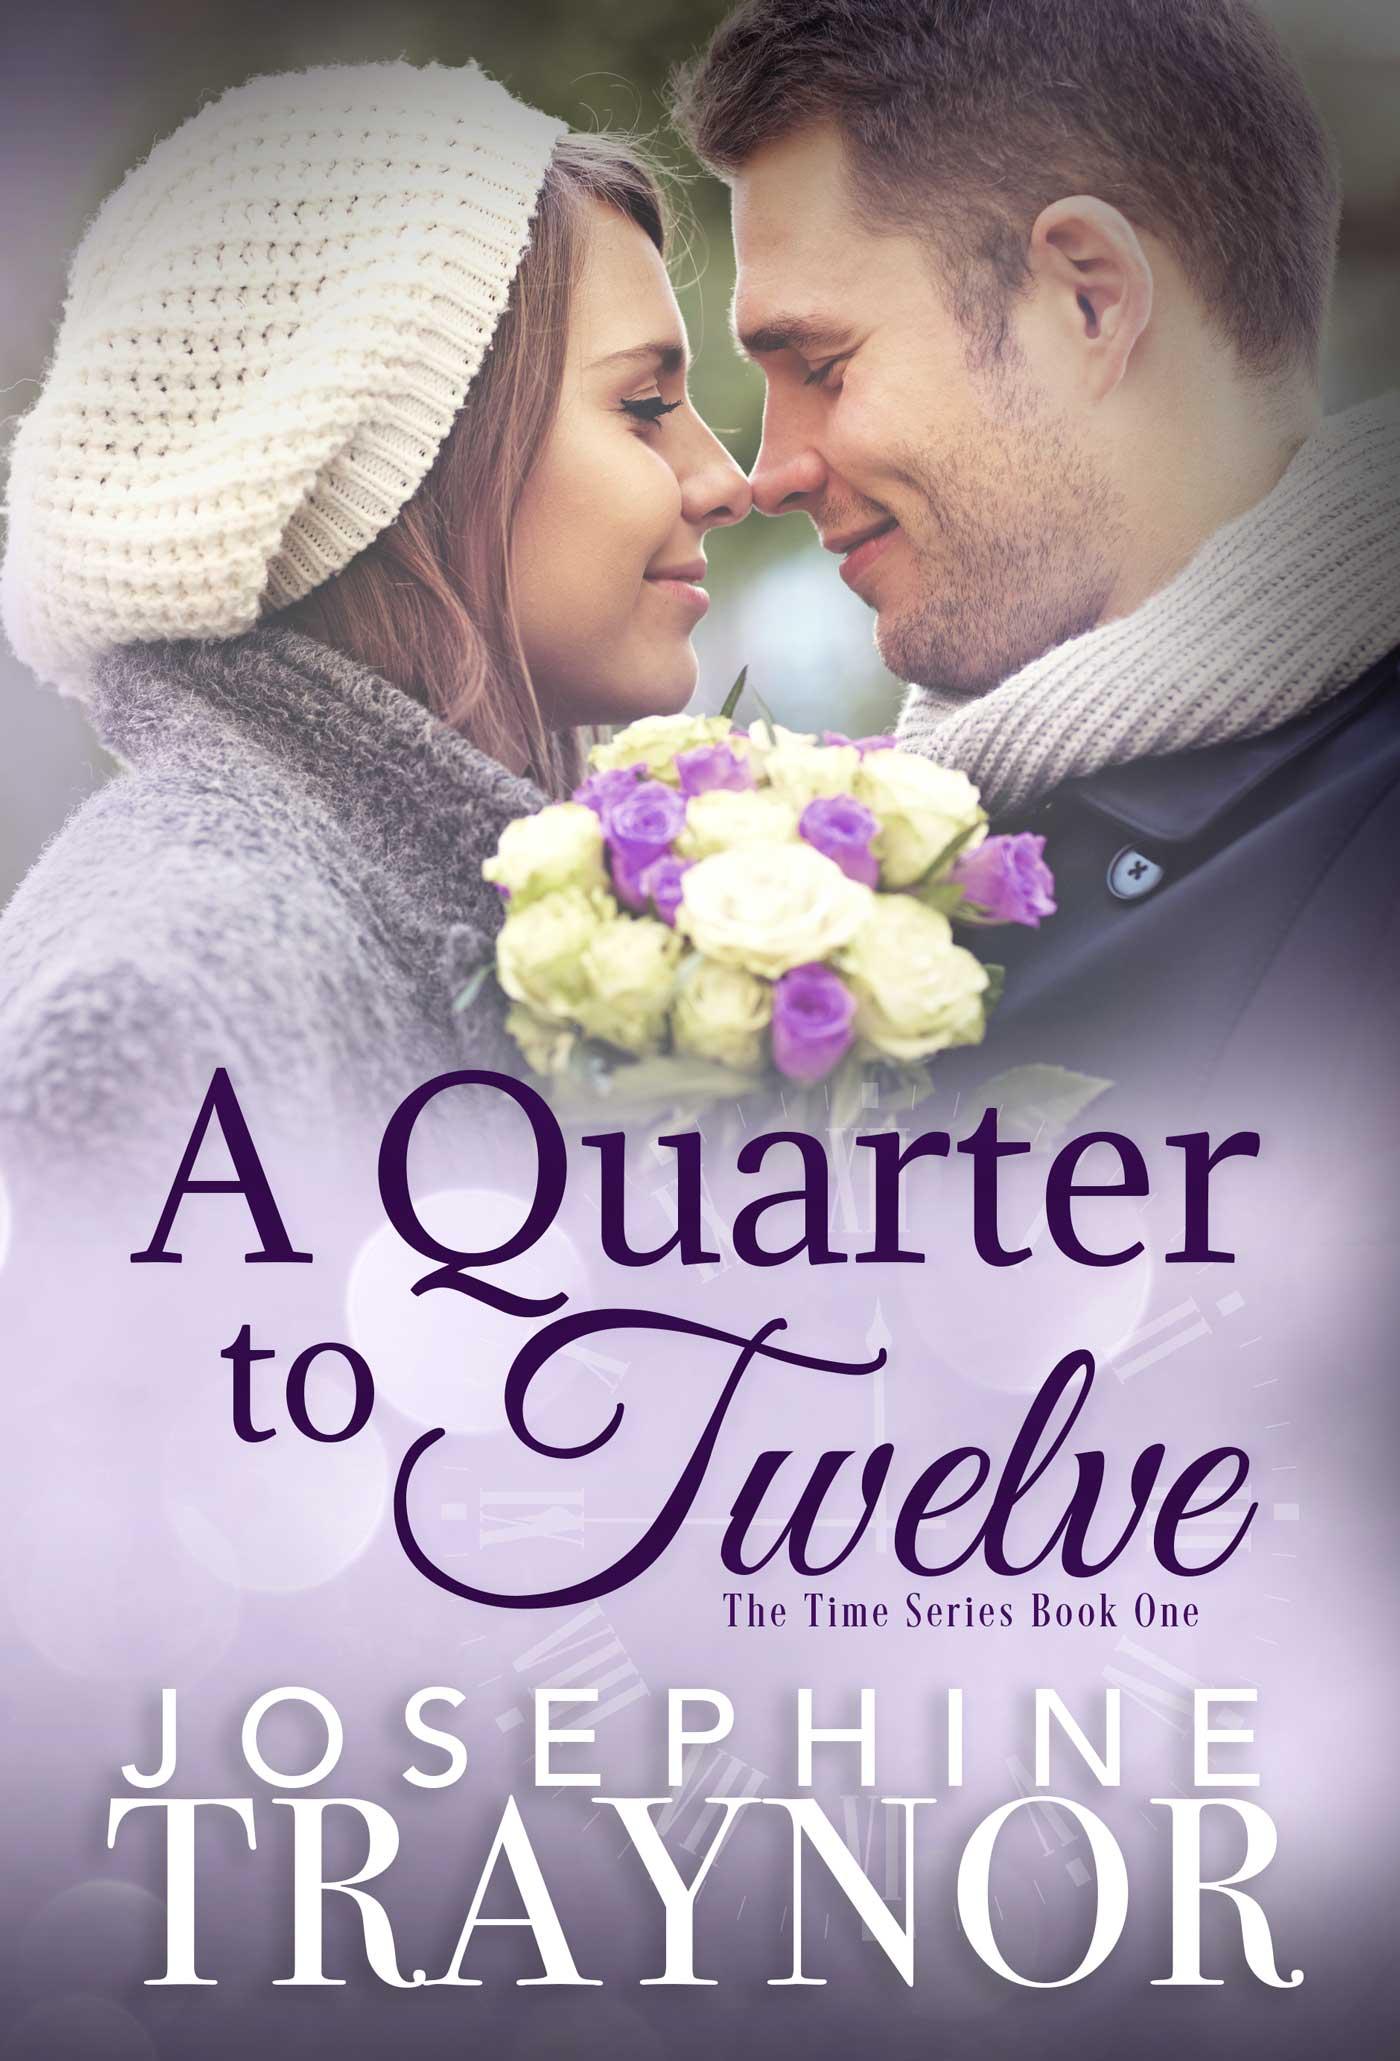 A Quarter to Twelve by Josephine Traynor